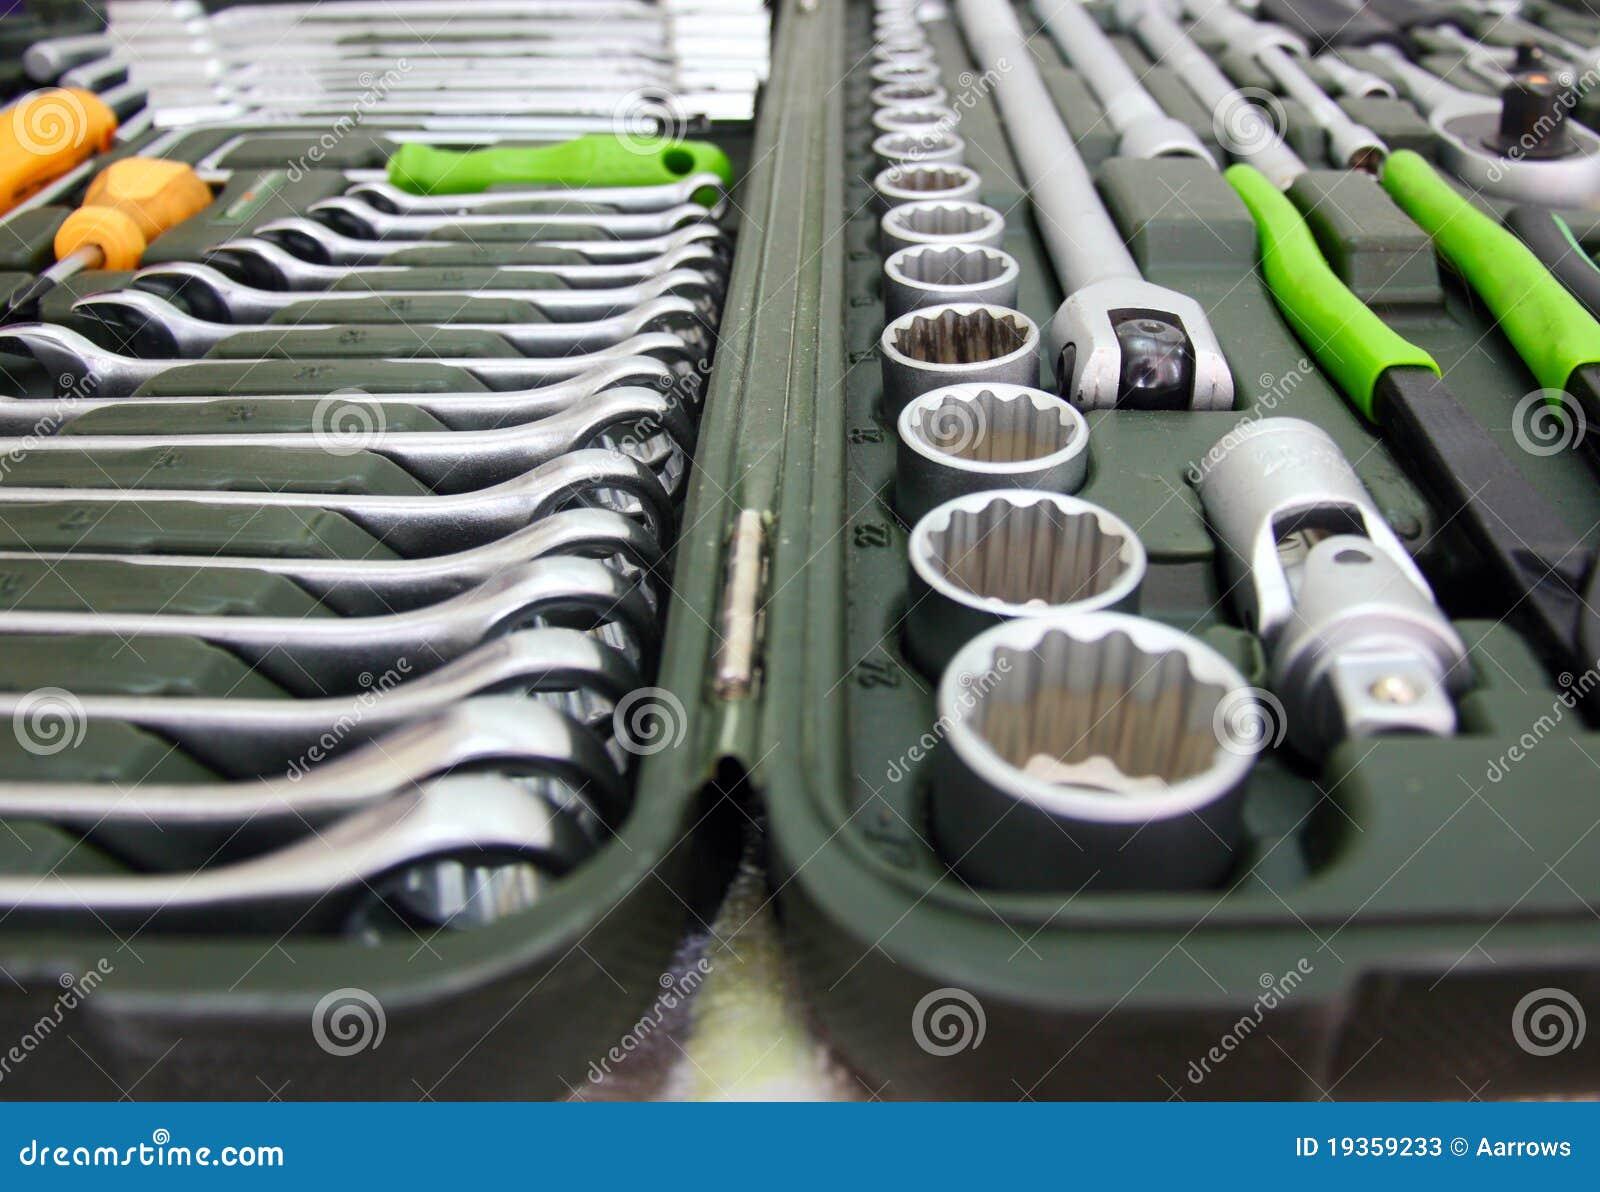 Jogo das ferramentas para a HOME e o carro em uma caixa